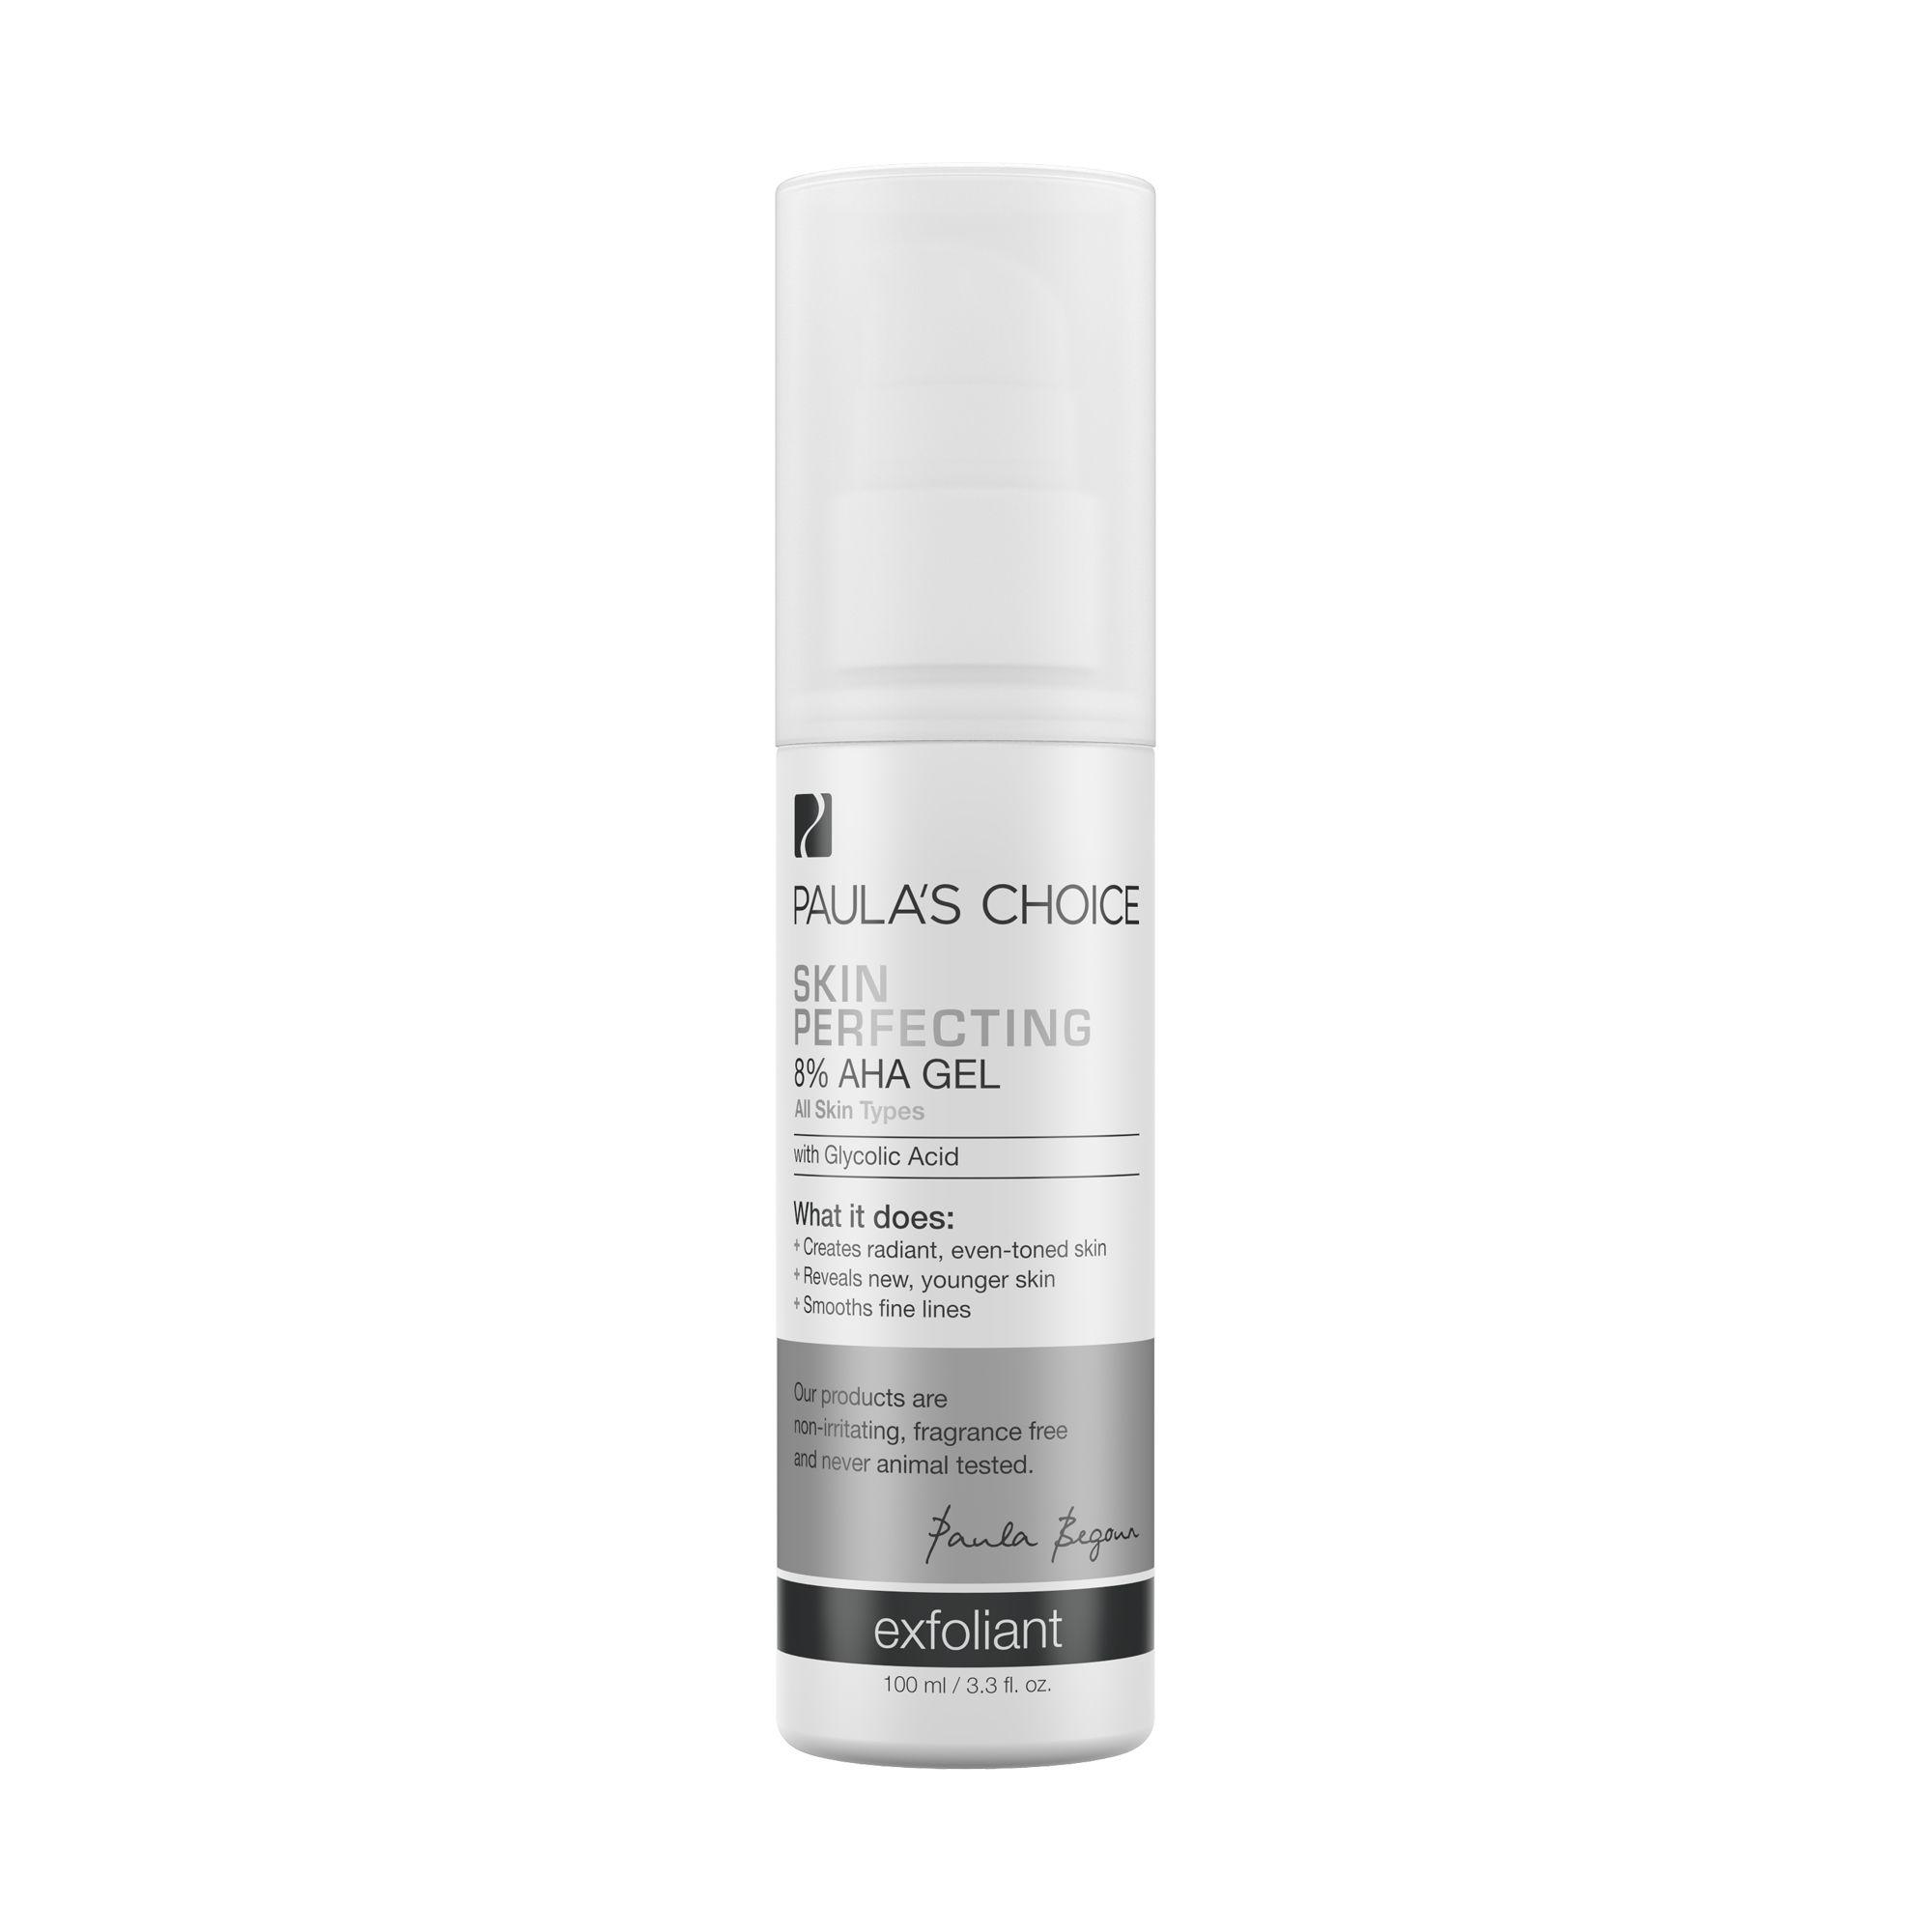 [ลด 20%] Paula's Choice : Skin Perfecting 8% AHA Gel Exfoliant 100ml